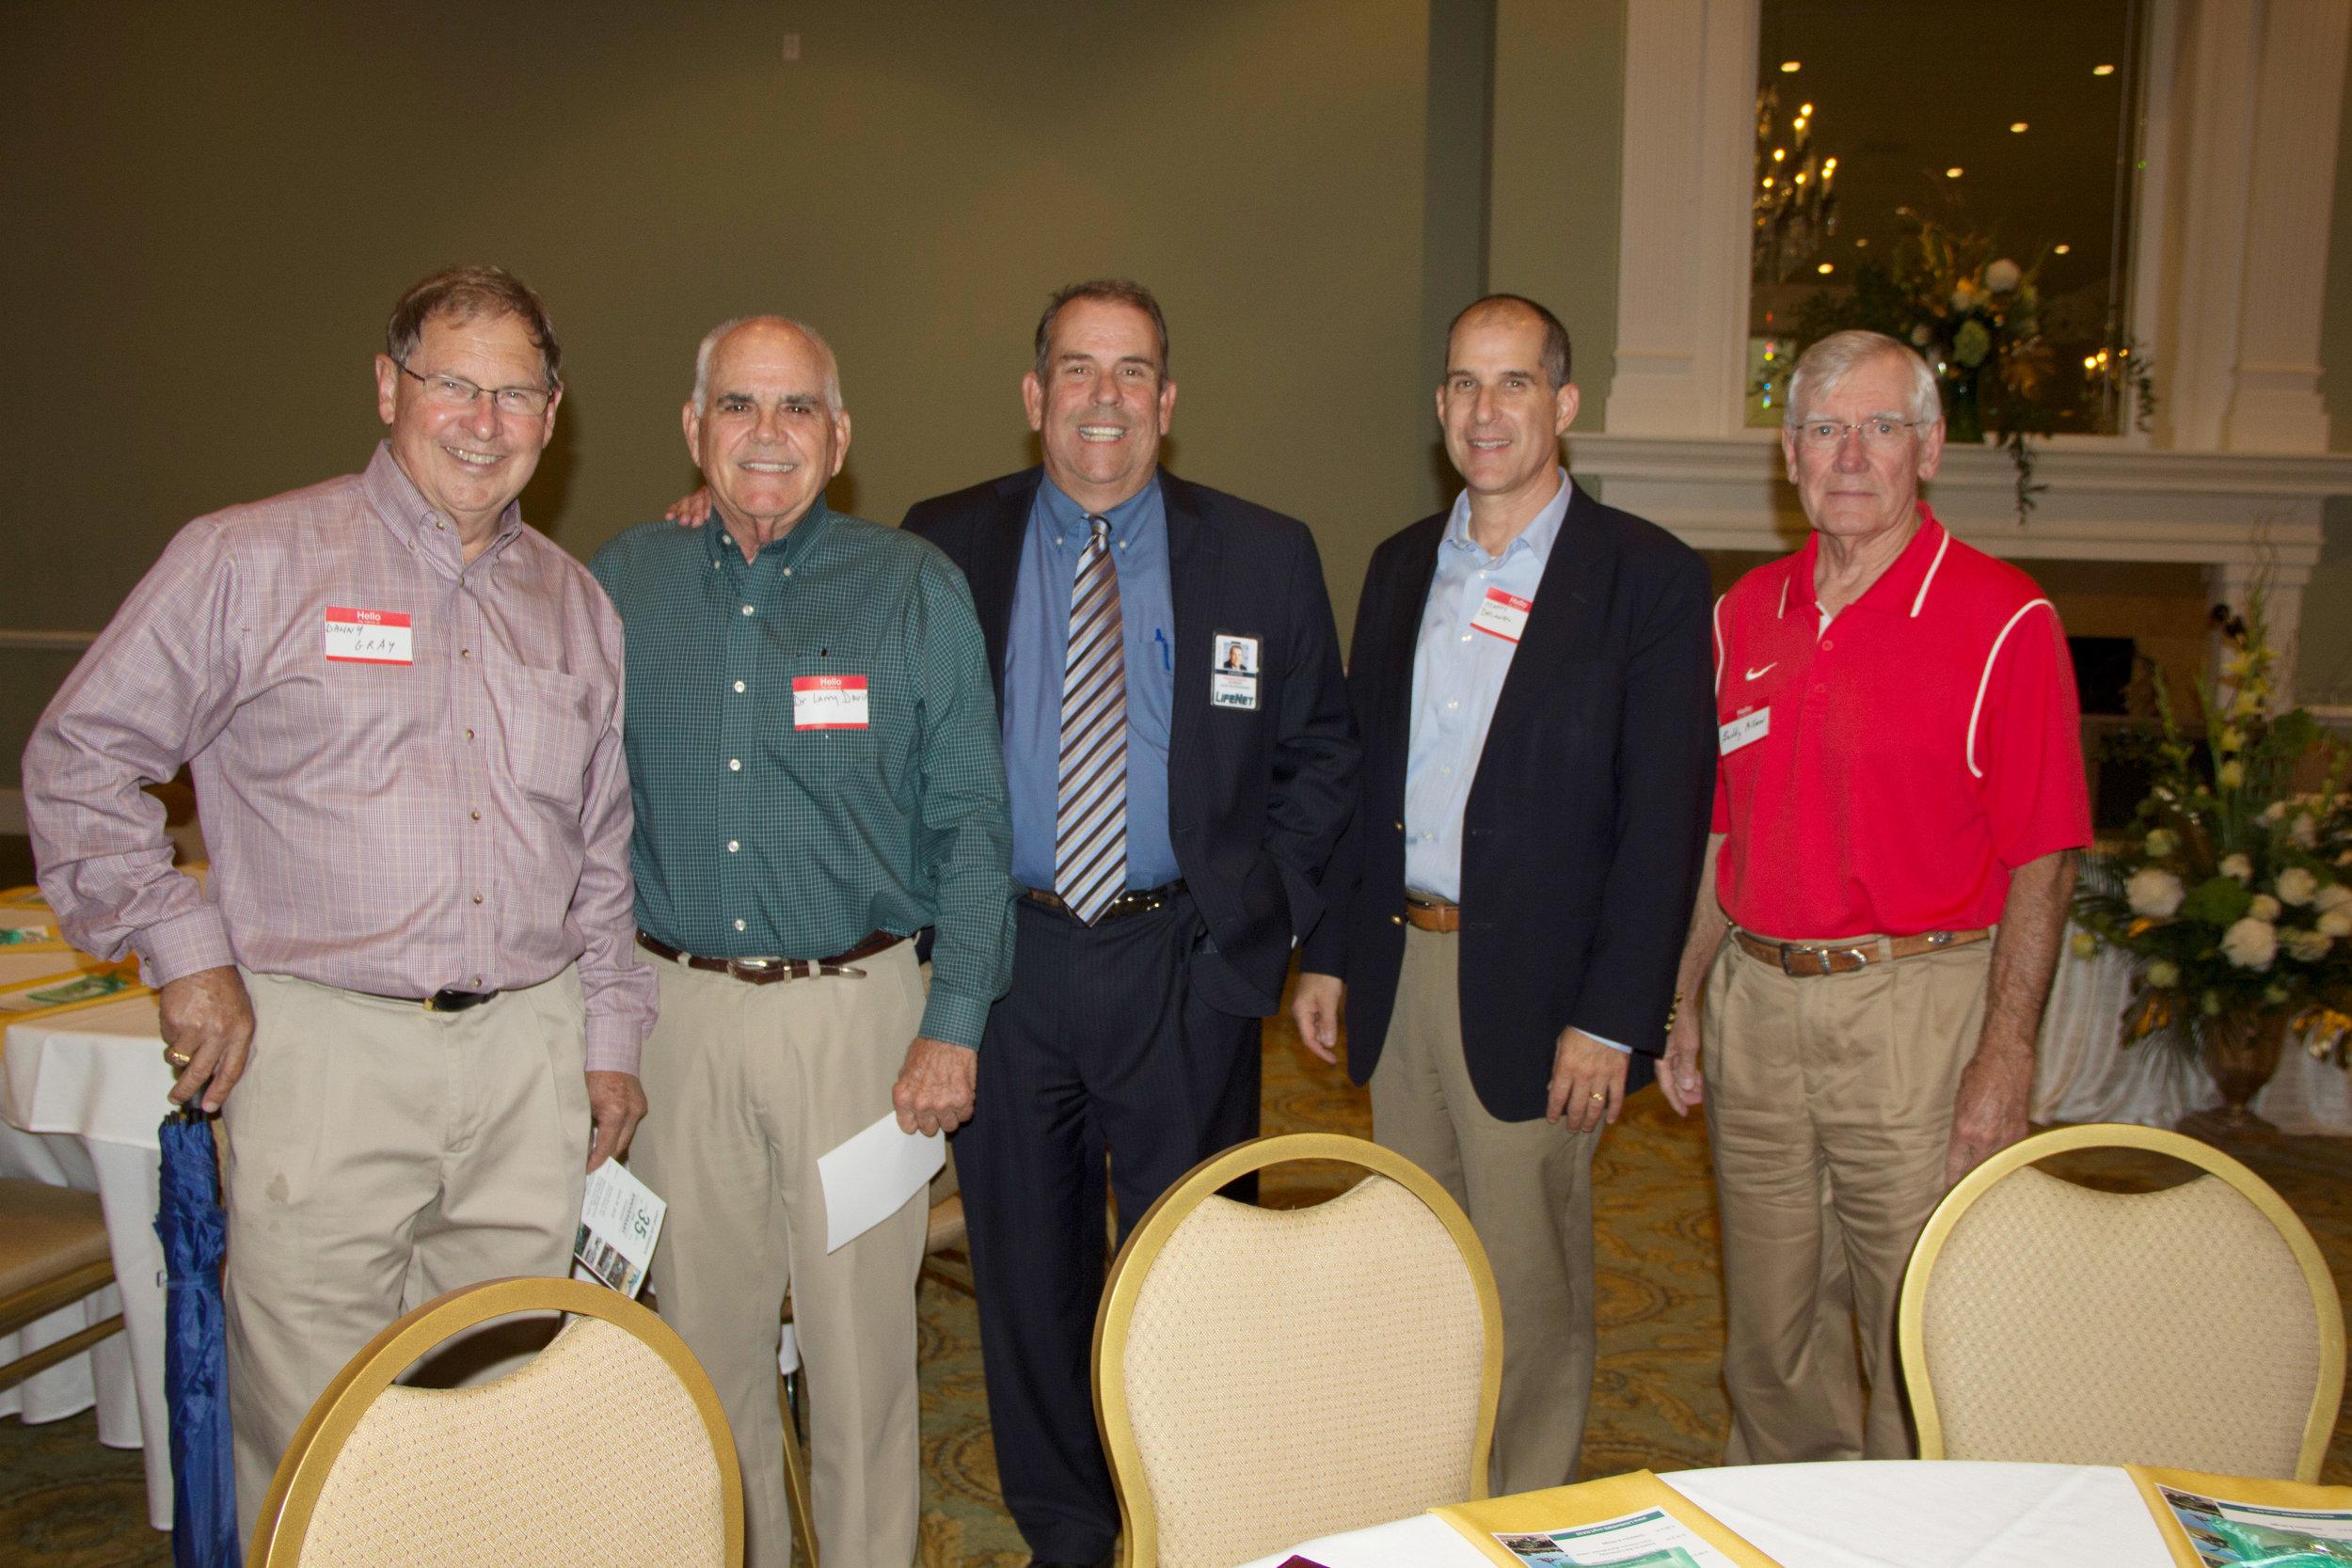 Danny Gray, Dr. Larry Davis, David Baumgardner, Marty Delaney and Buddy Allen